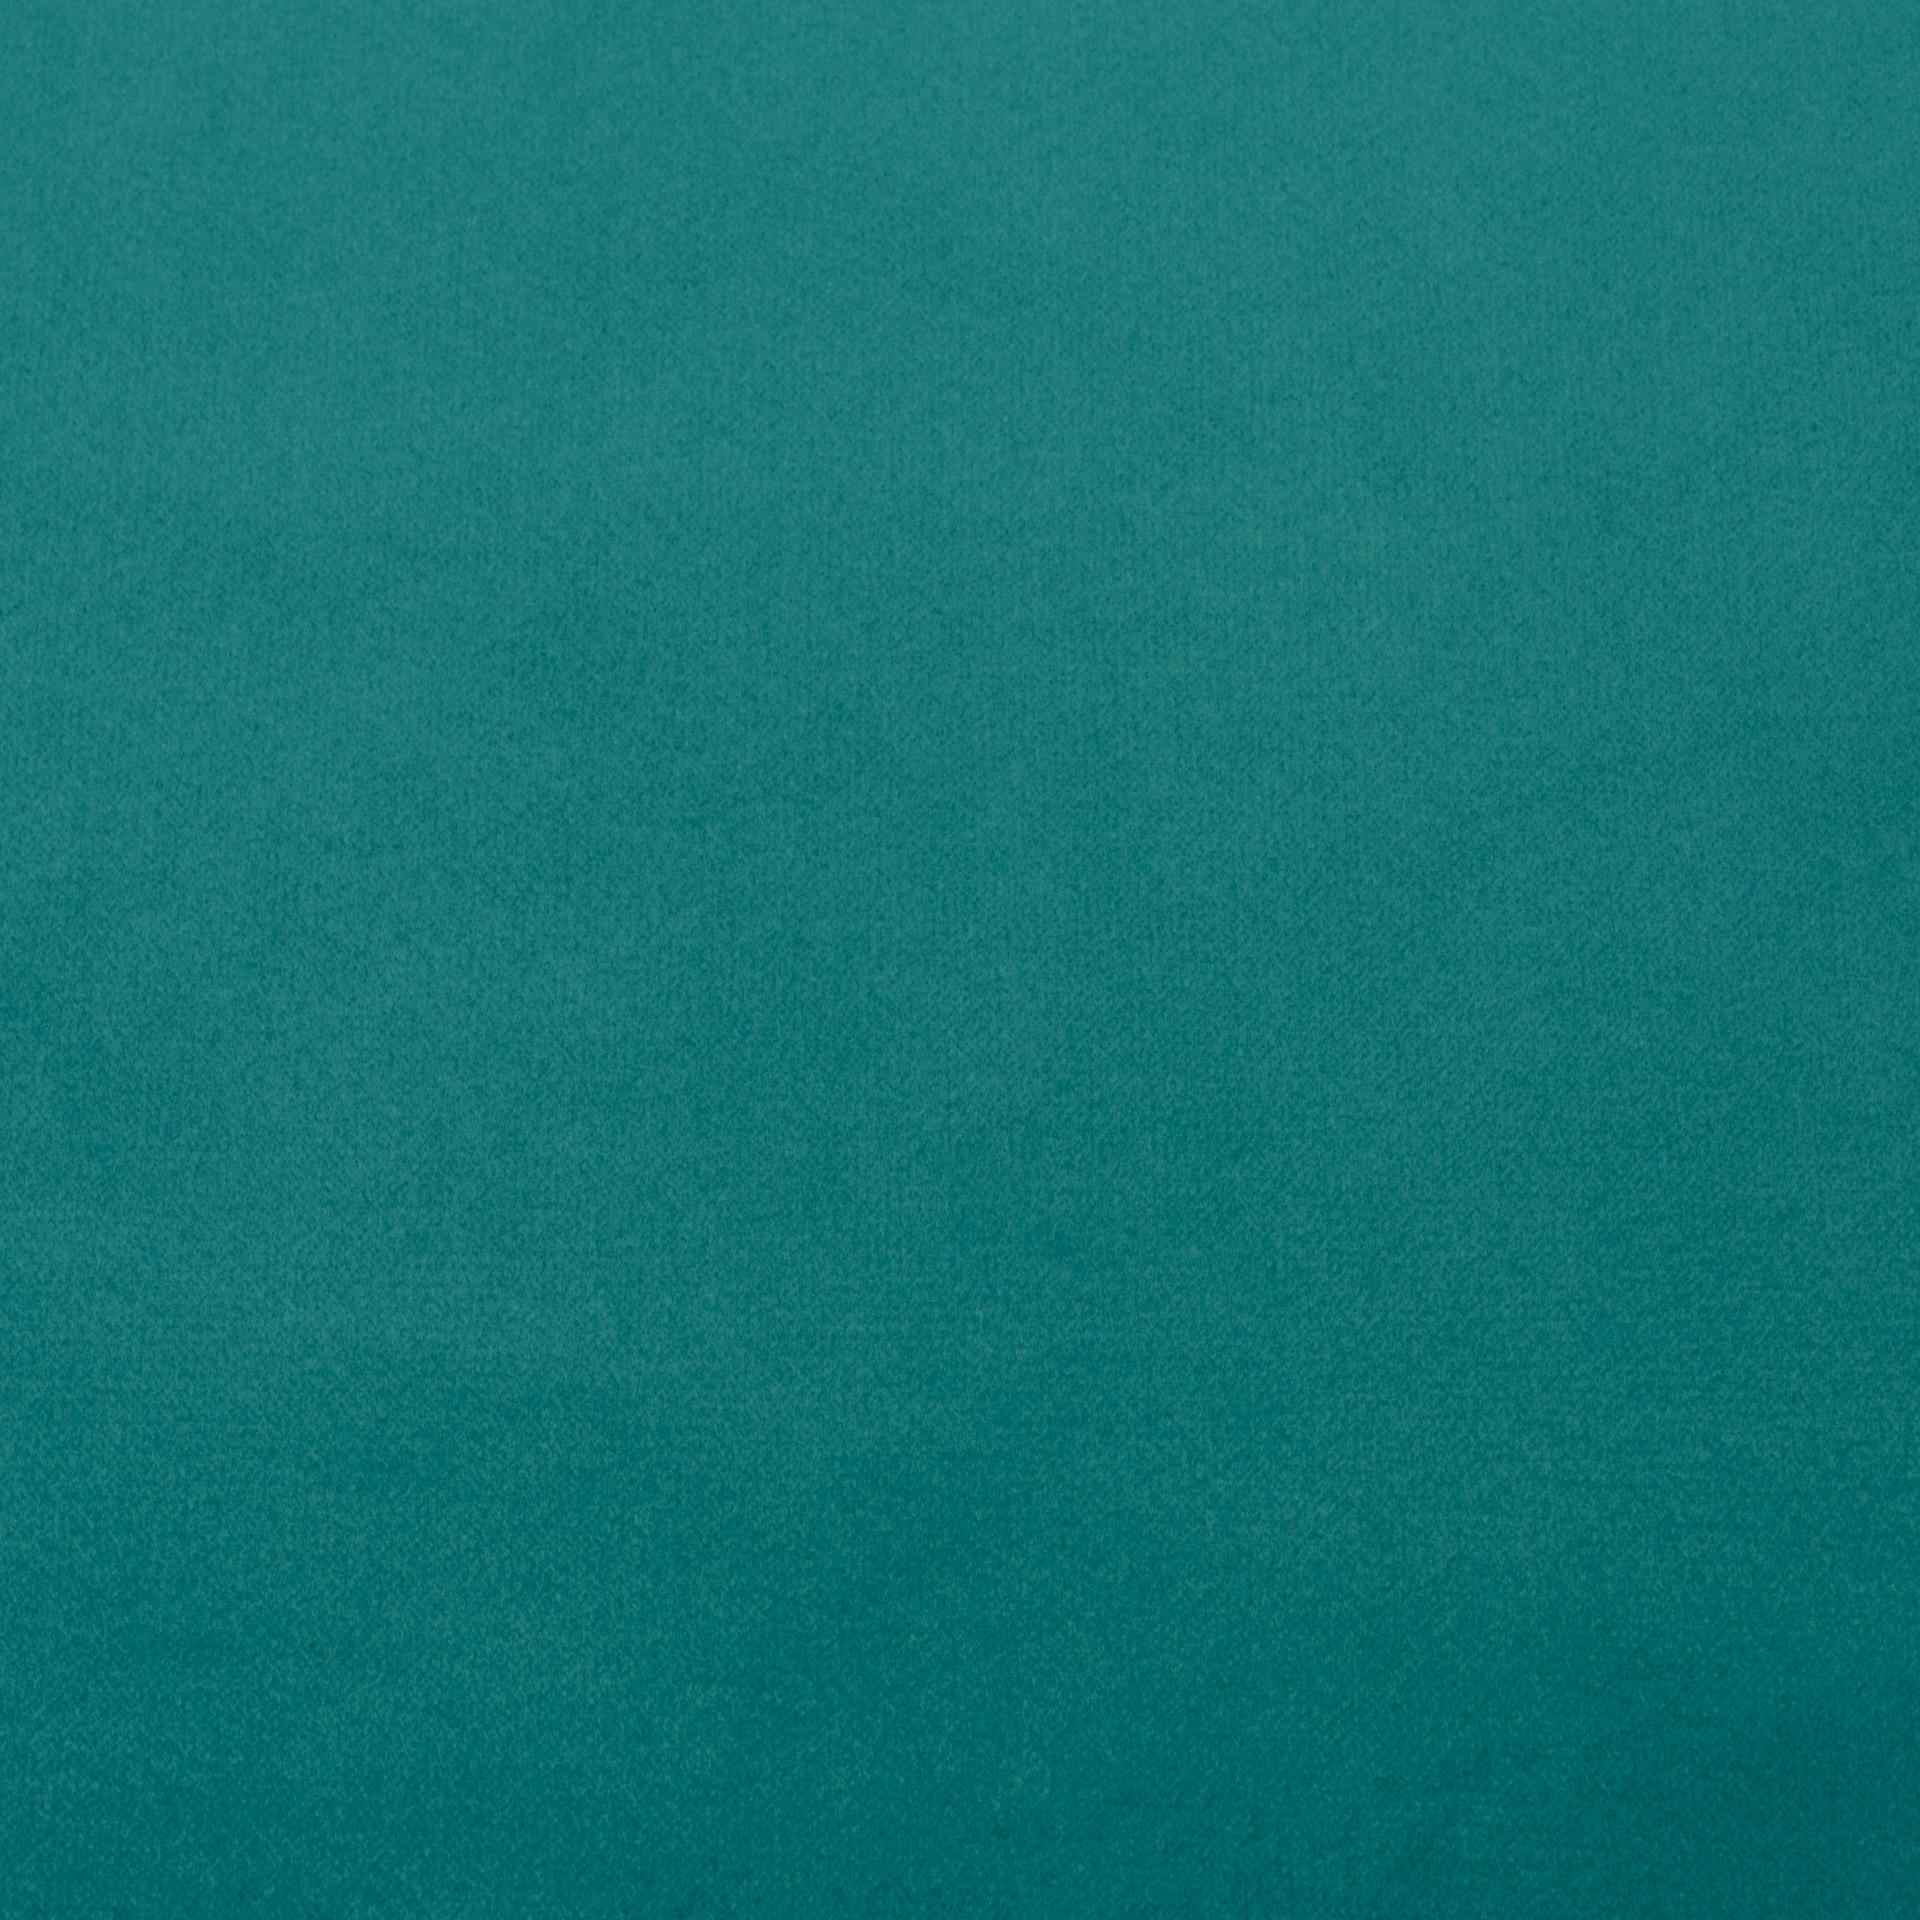 Коллекция ткани Багира 28 WARM SKY,  купить ткань Велюр для мебели Украина